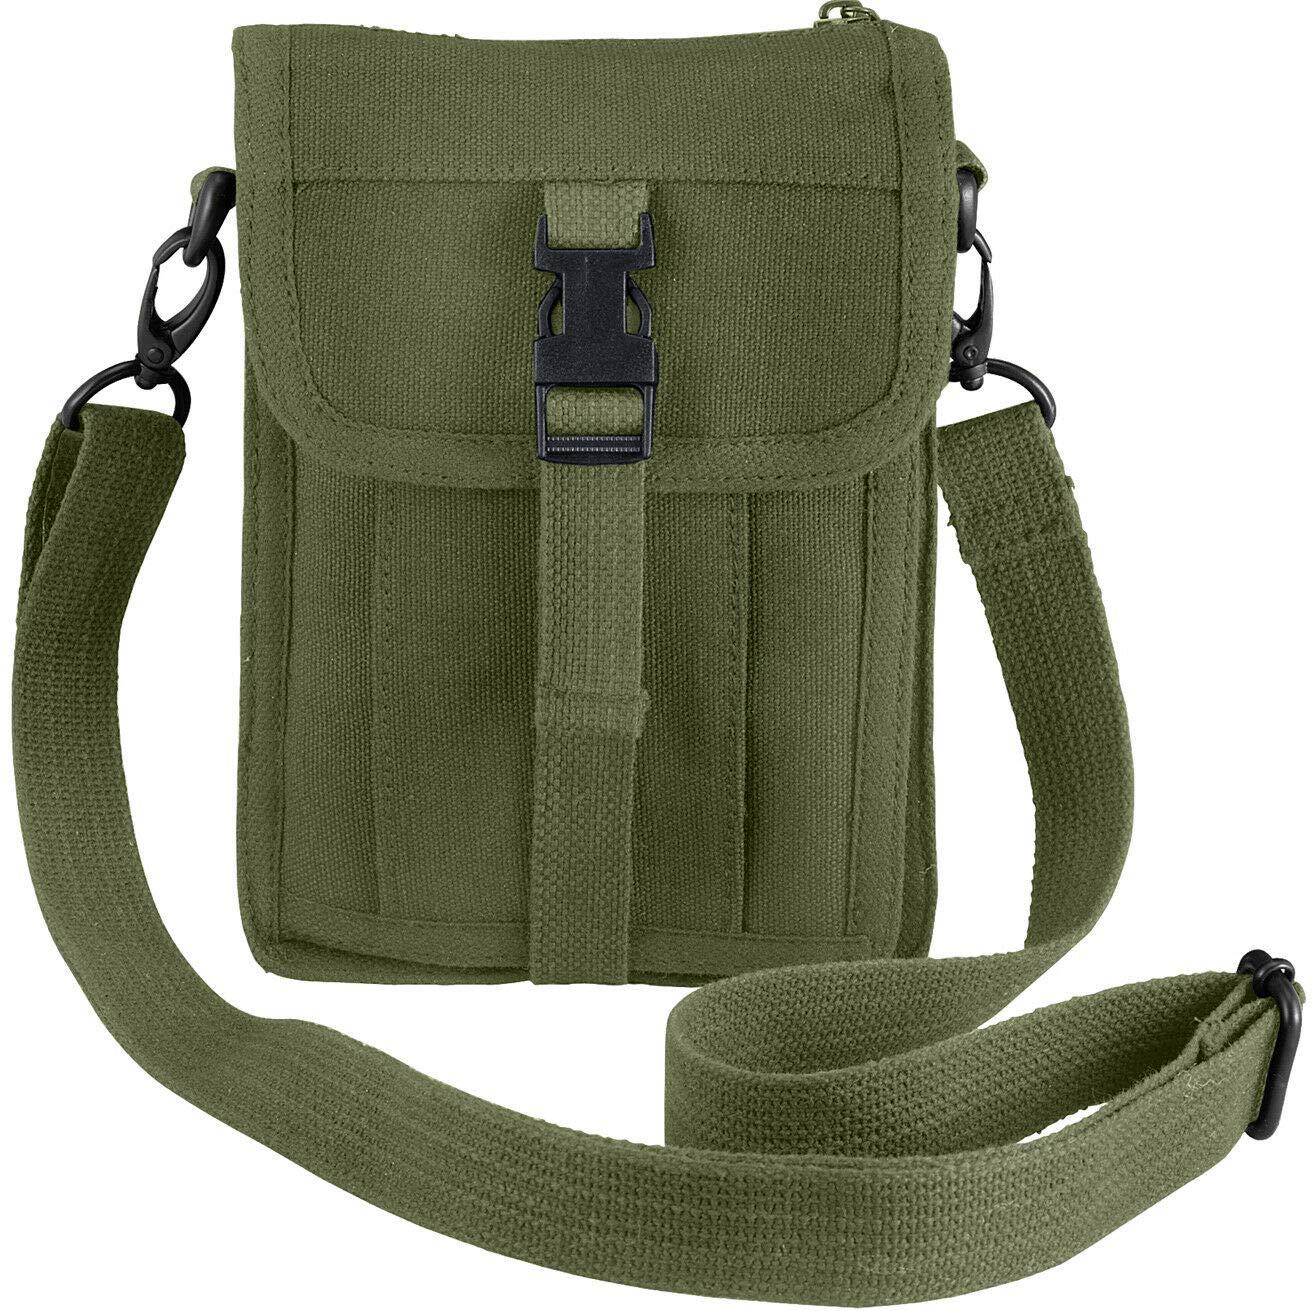 Brown Shoulder Bag Travel Organizer Pouch Canvas Passport Holder Wallet Case Portfolio Shoulder Bag Travel Accessories